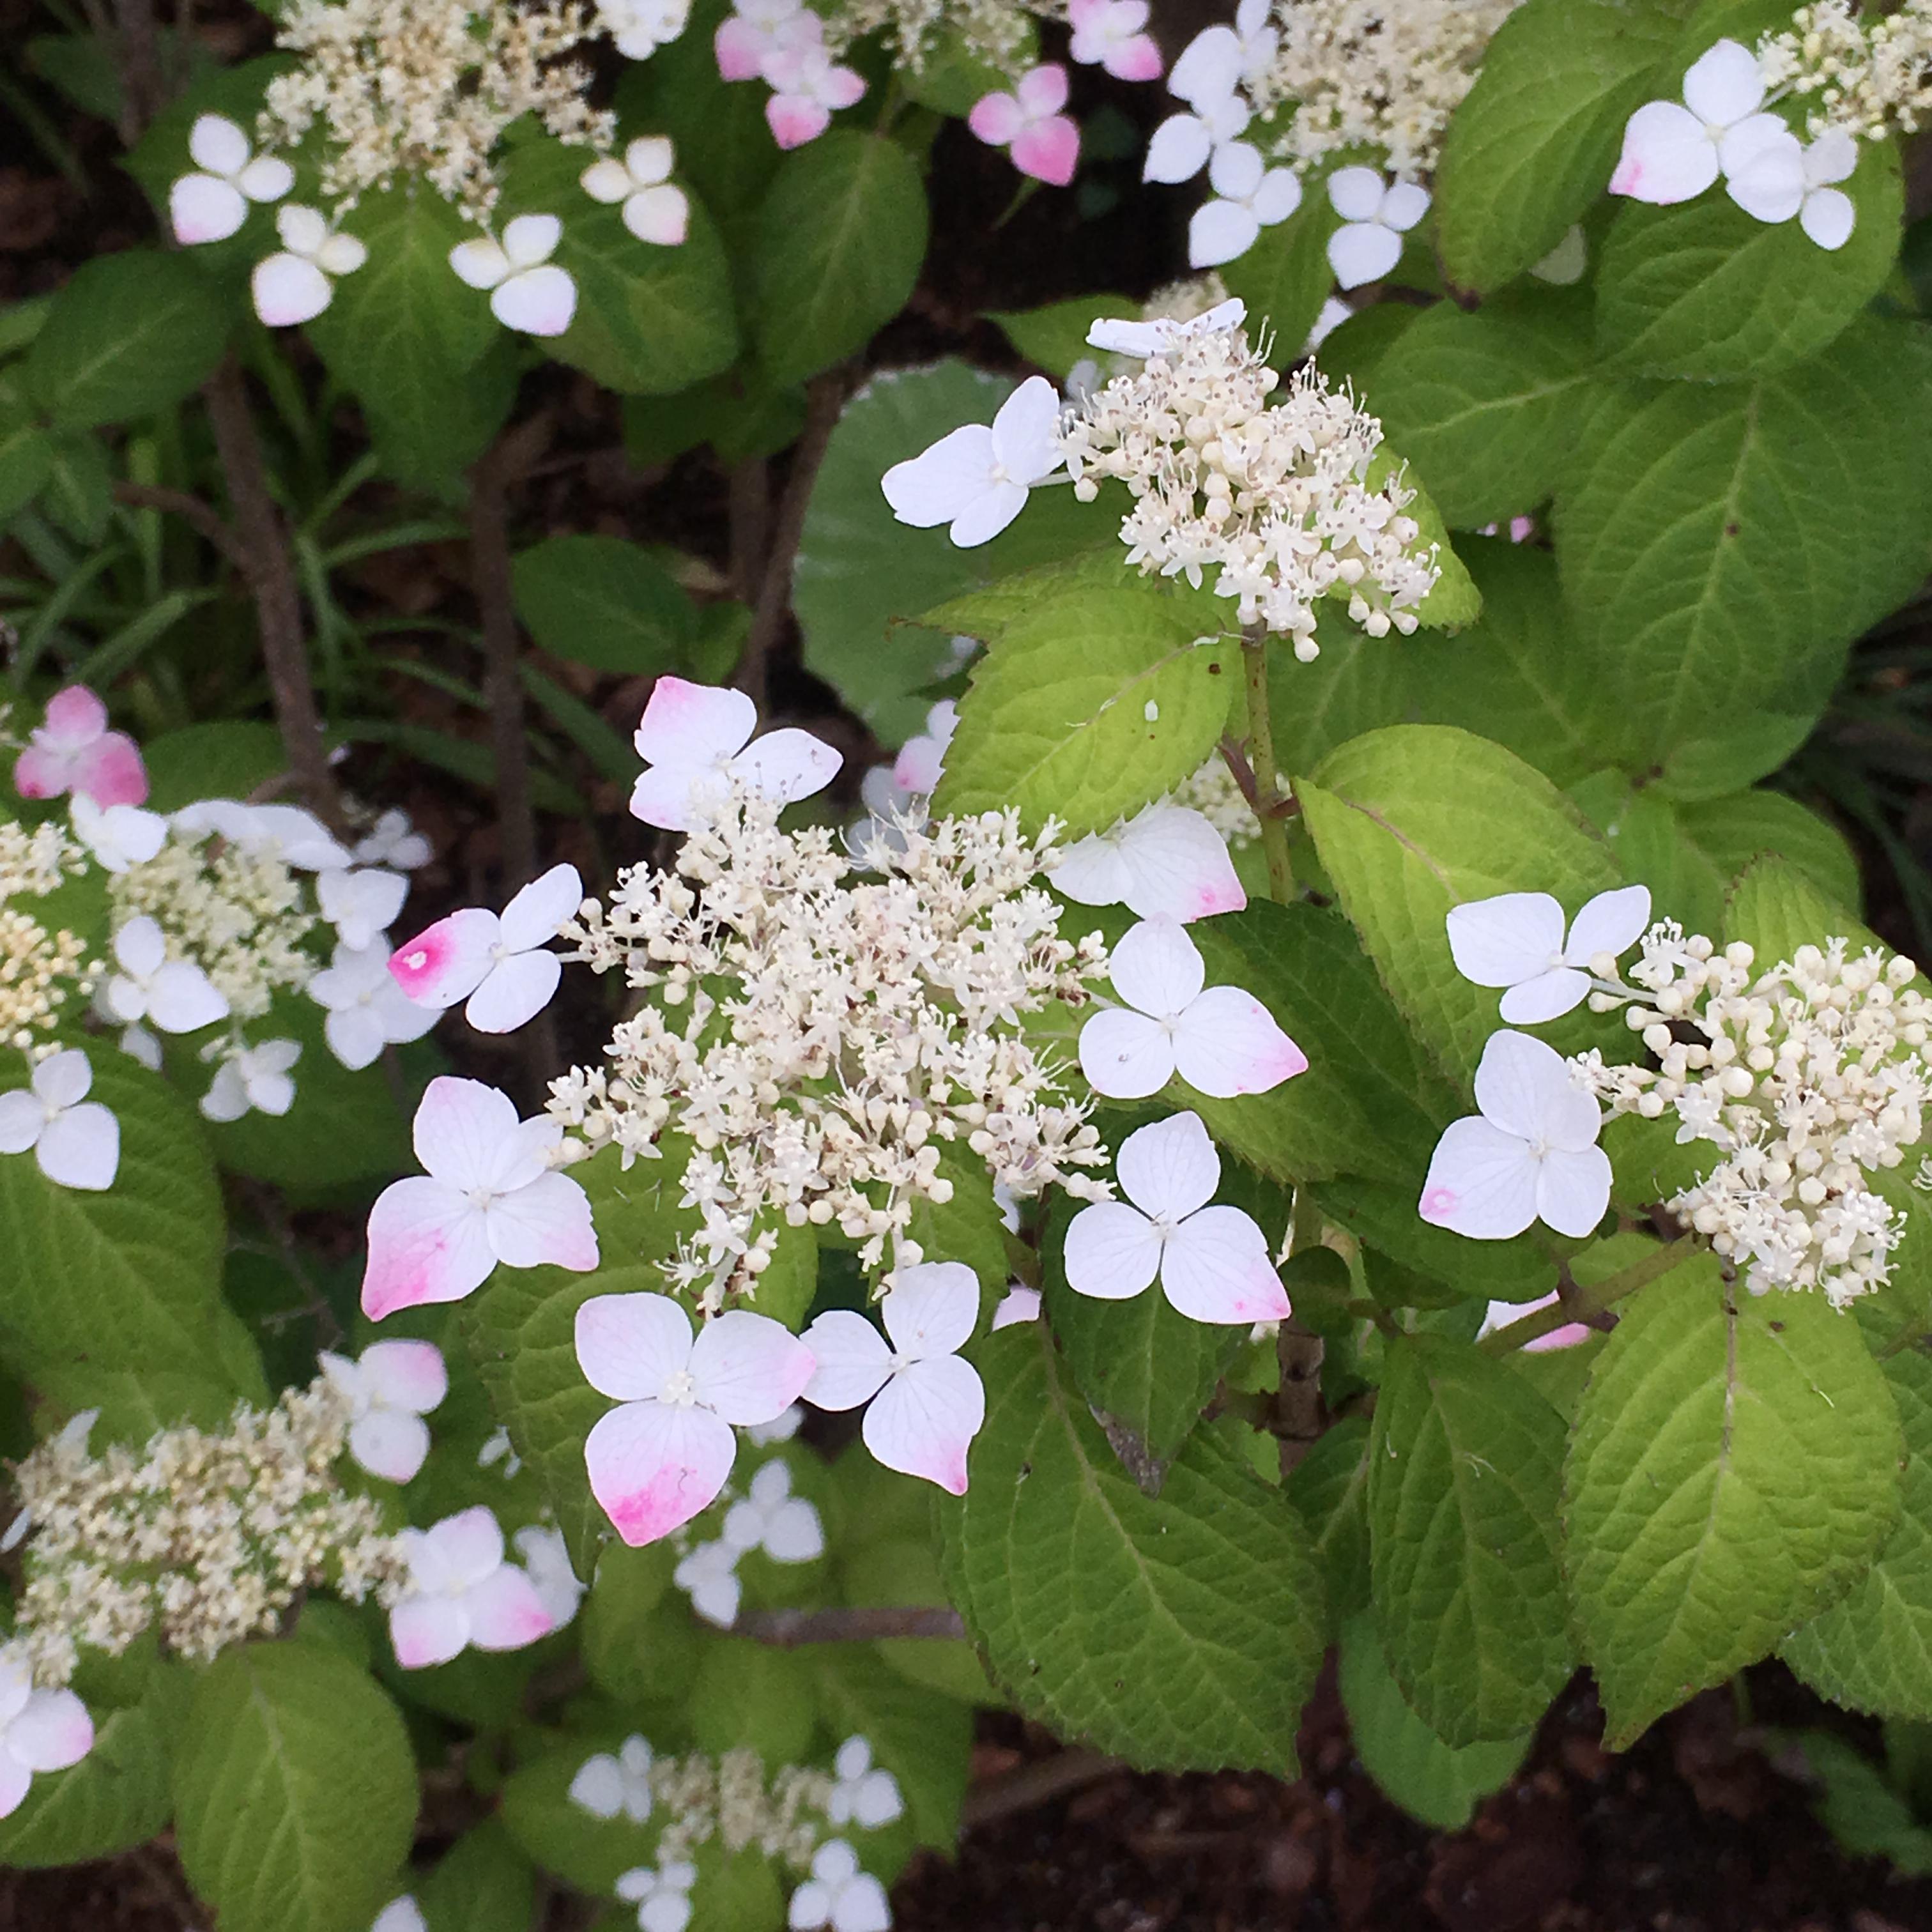 ヤマアジサイ(Hydrangea serrata var. serrata)